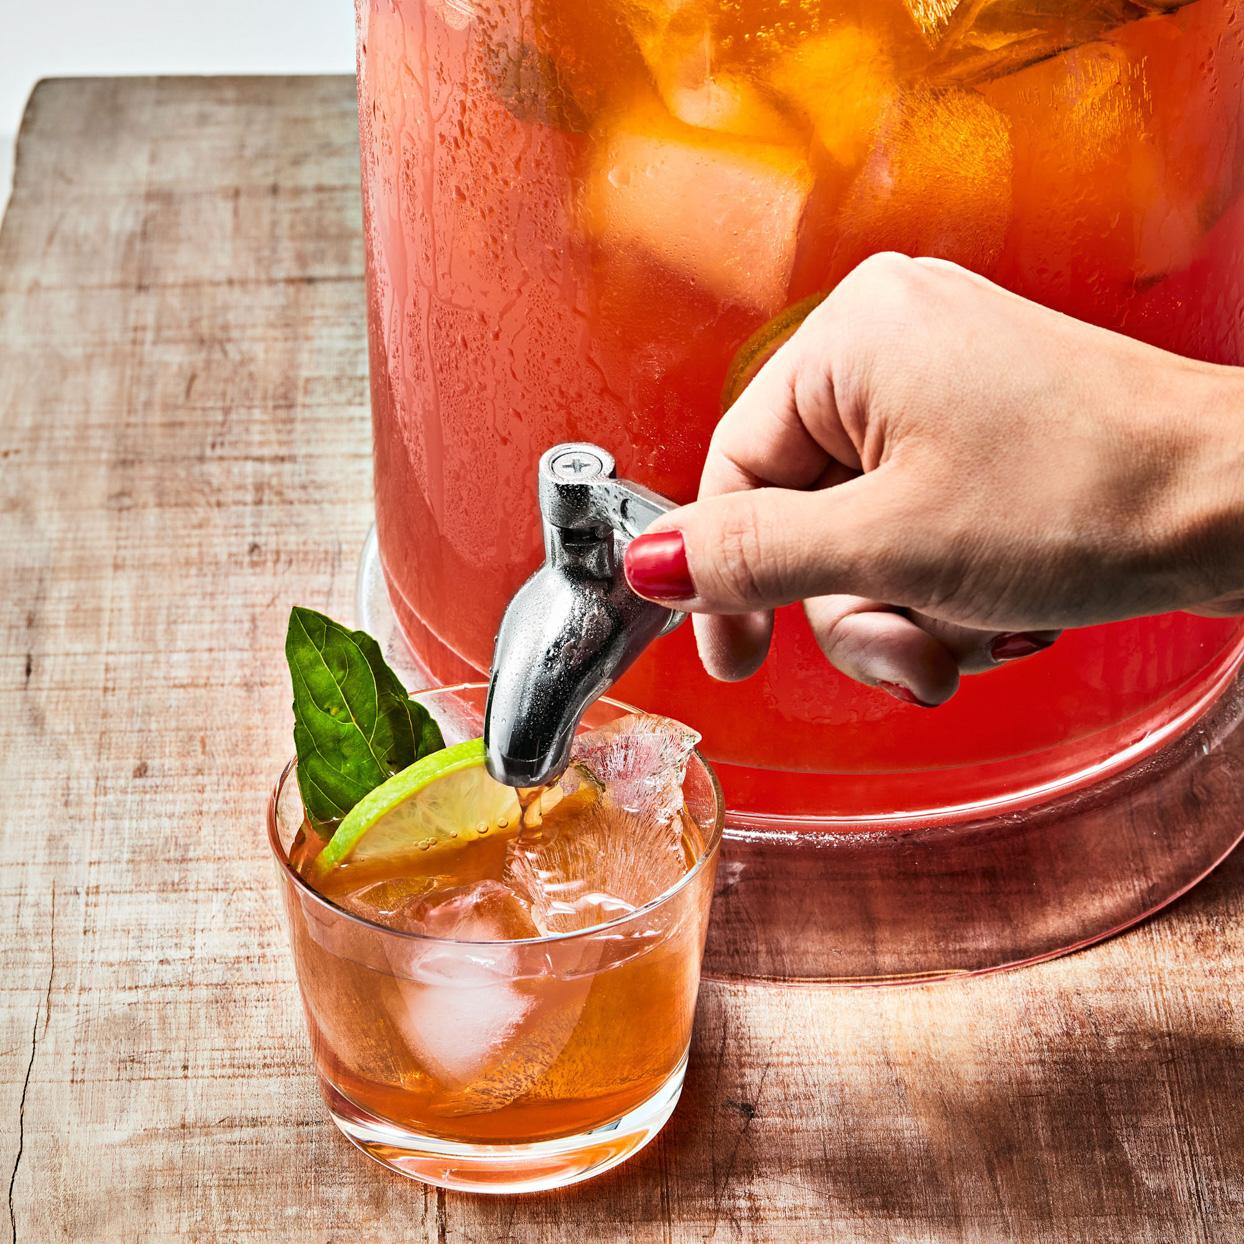 cocktail drink dispenser